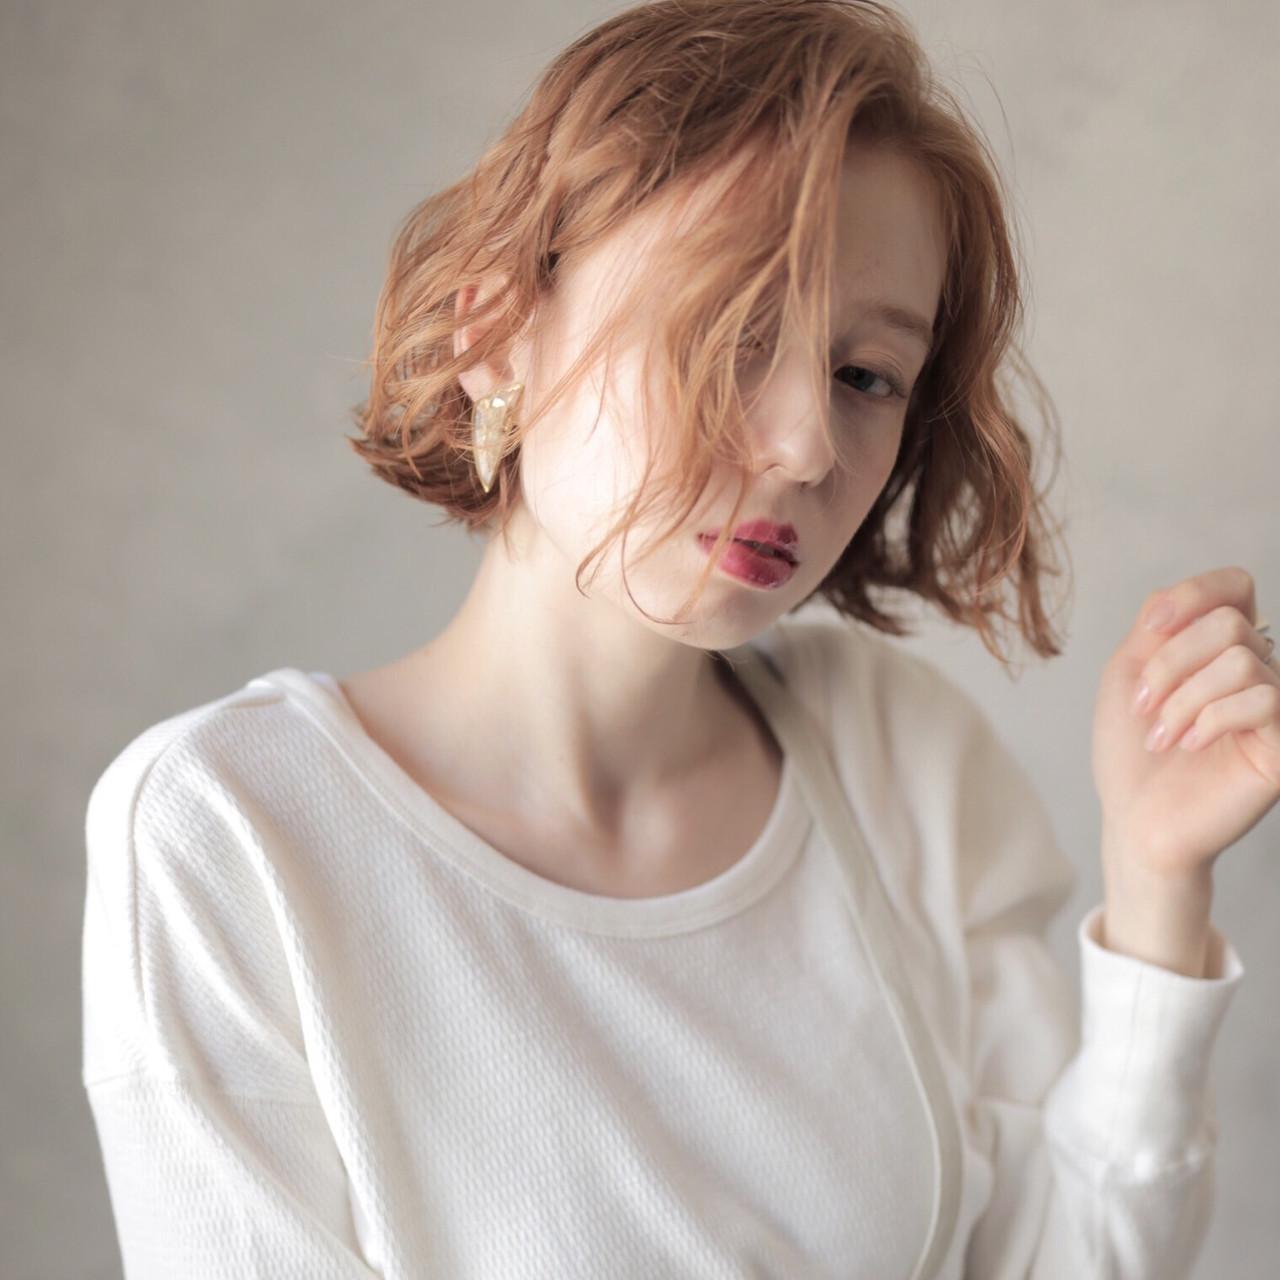 ヌーディベージュ ミルクティーベージュ 切りっぱなしボブ ミニボブ ヘアスタイルや髪型の写真・画像